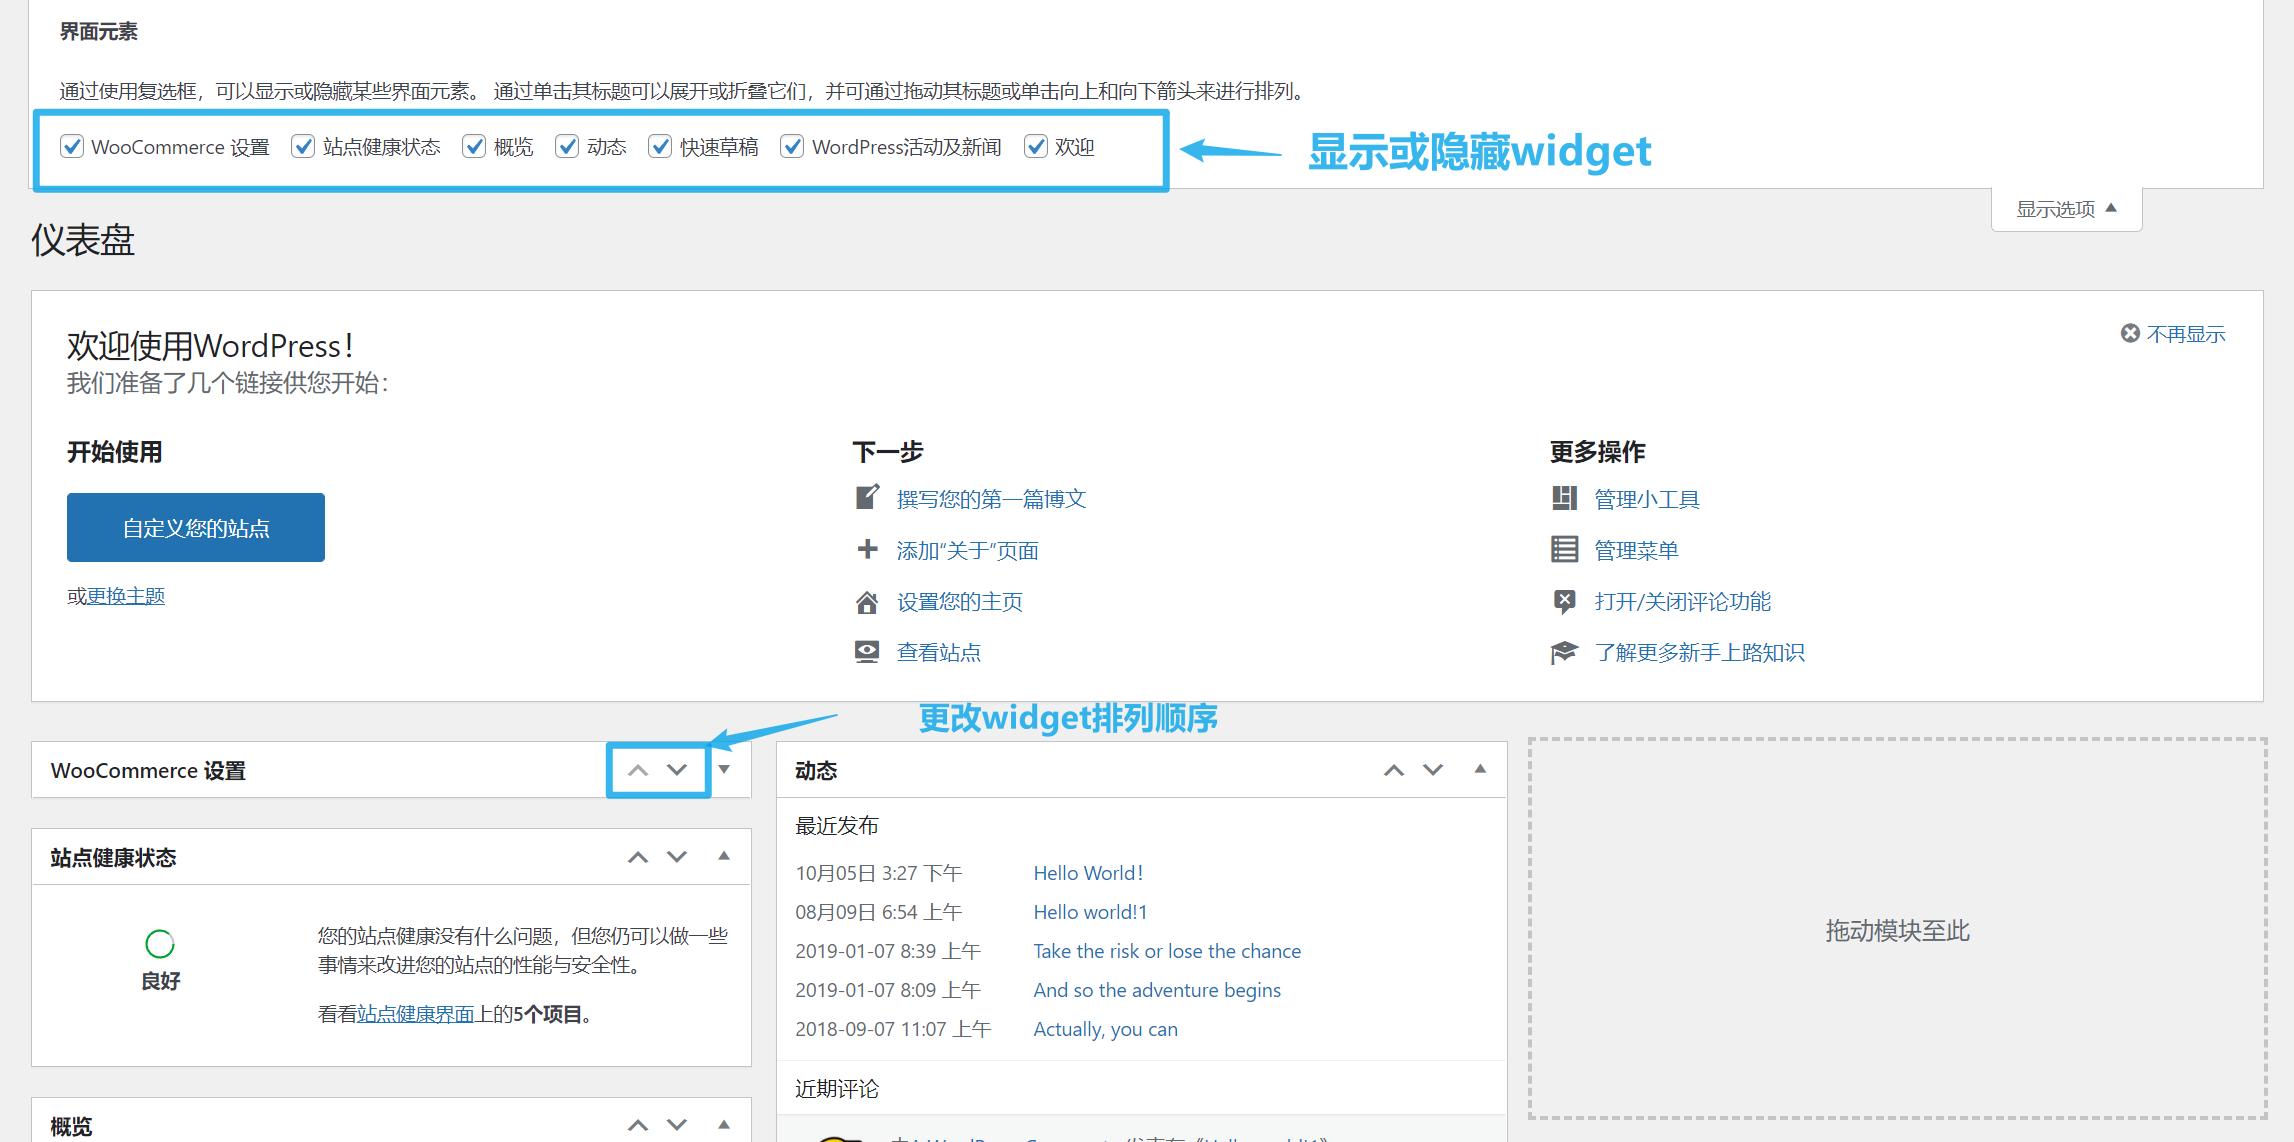 WordPress Dashboard仪表盘定制